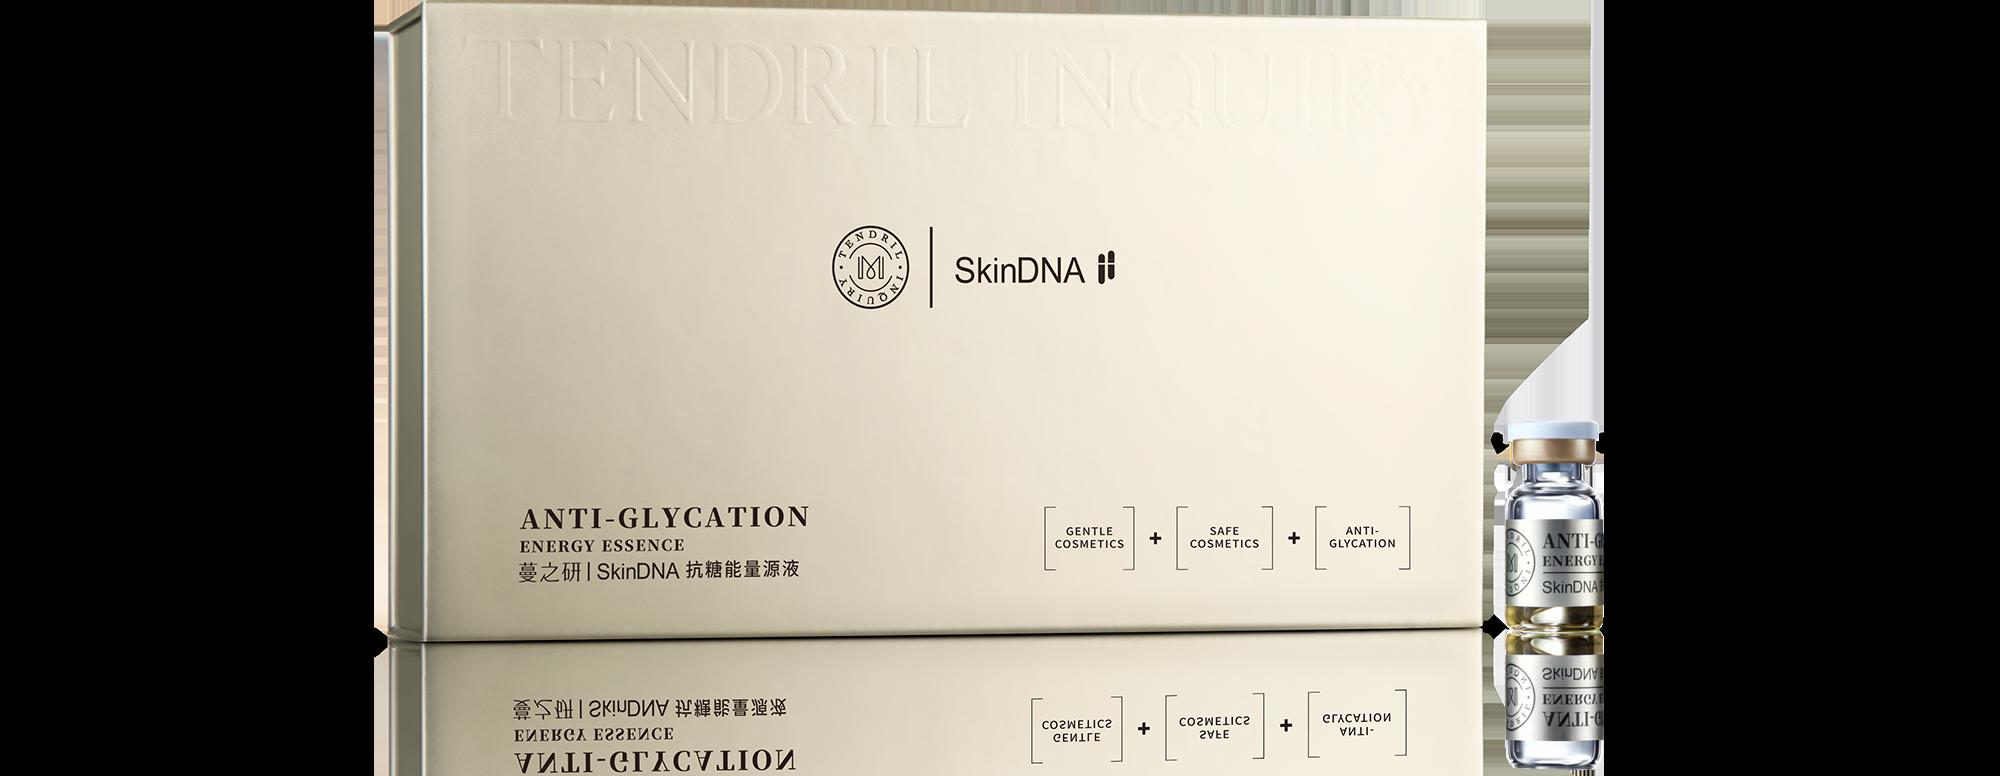 Skin DNA*抗糖能量源液